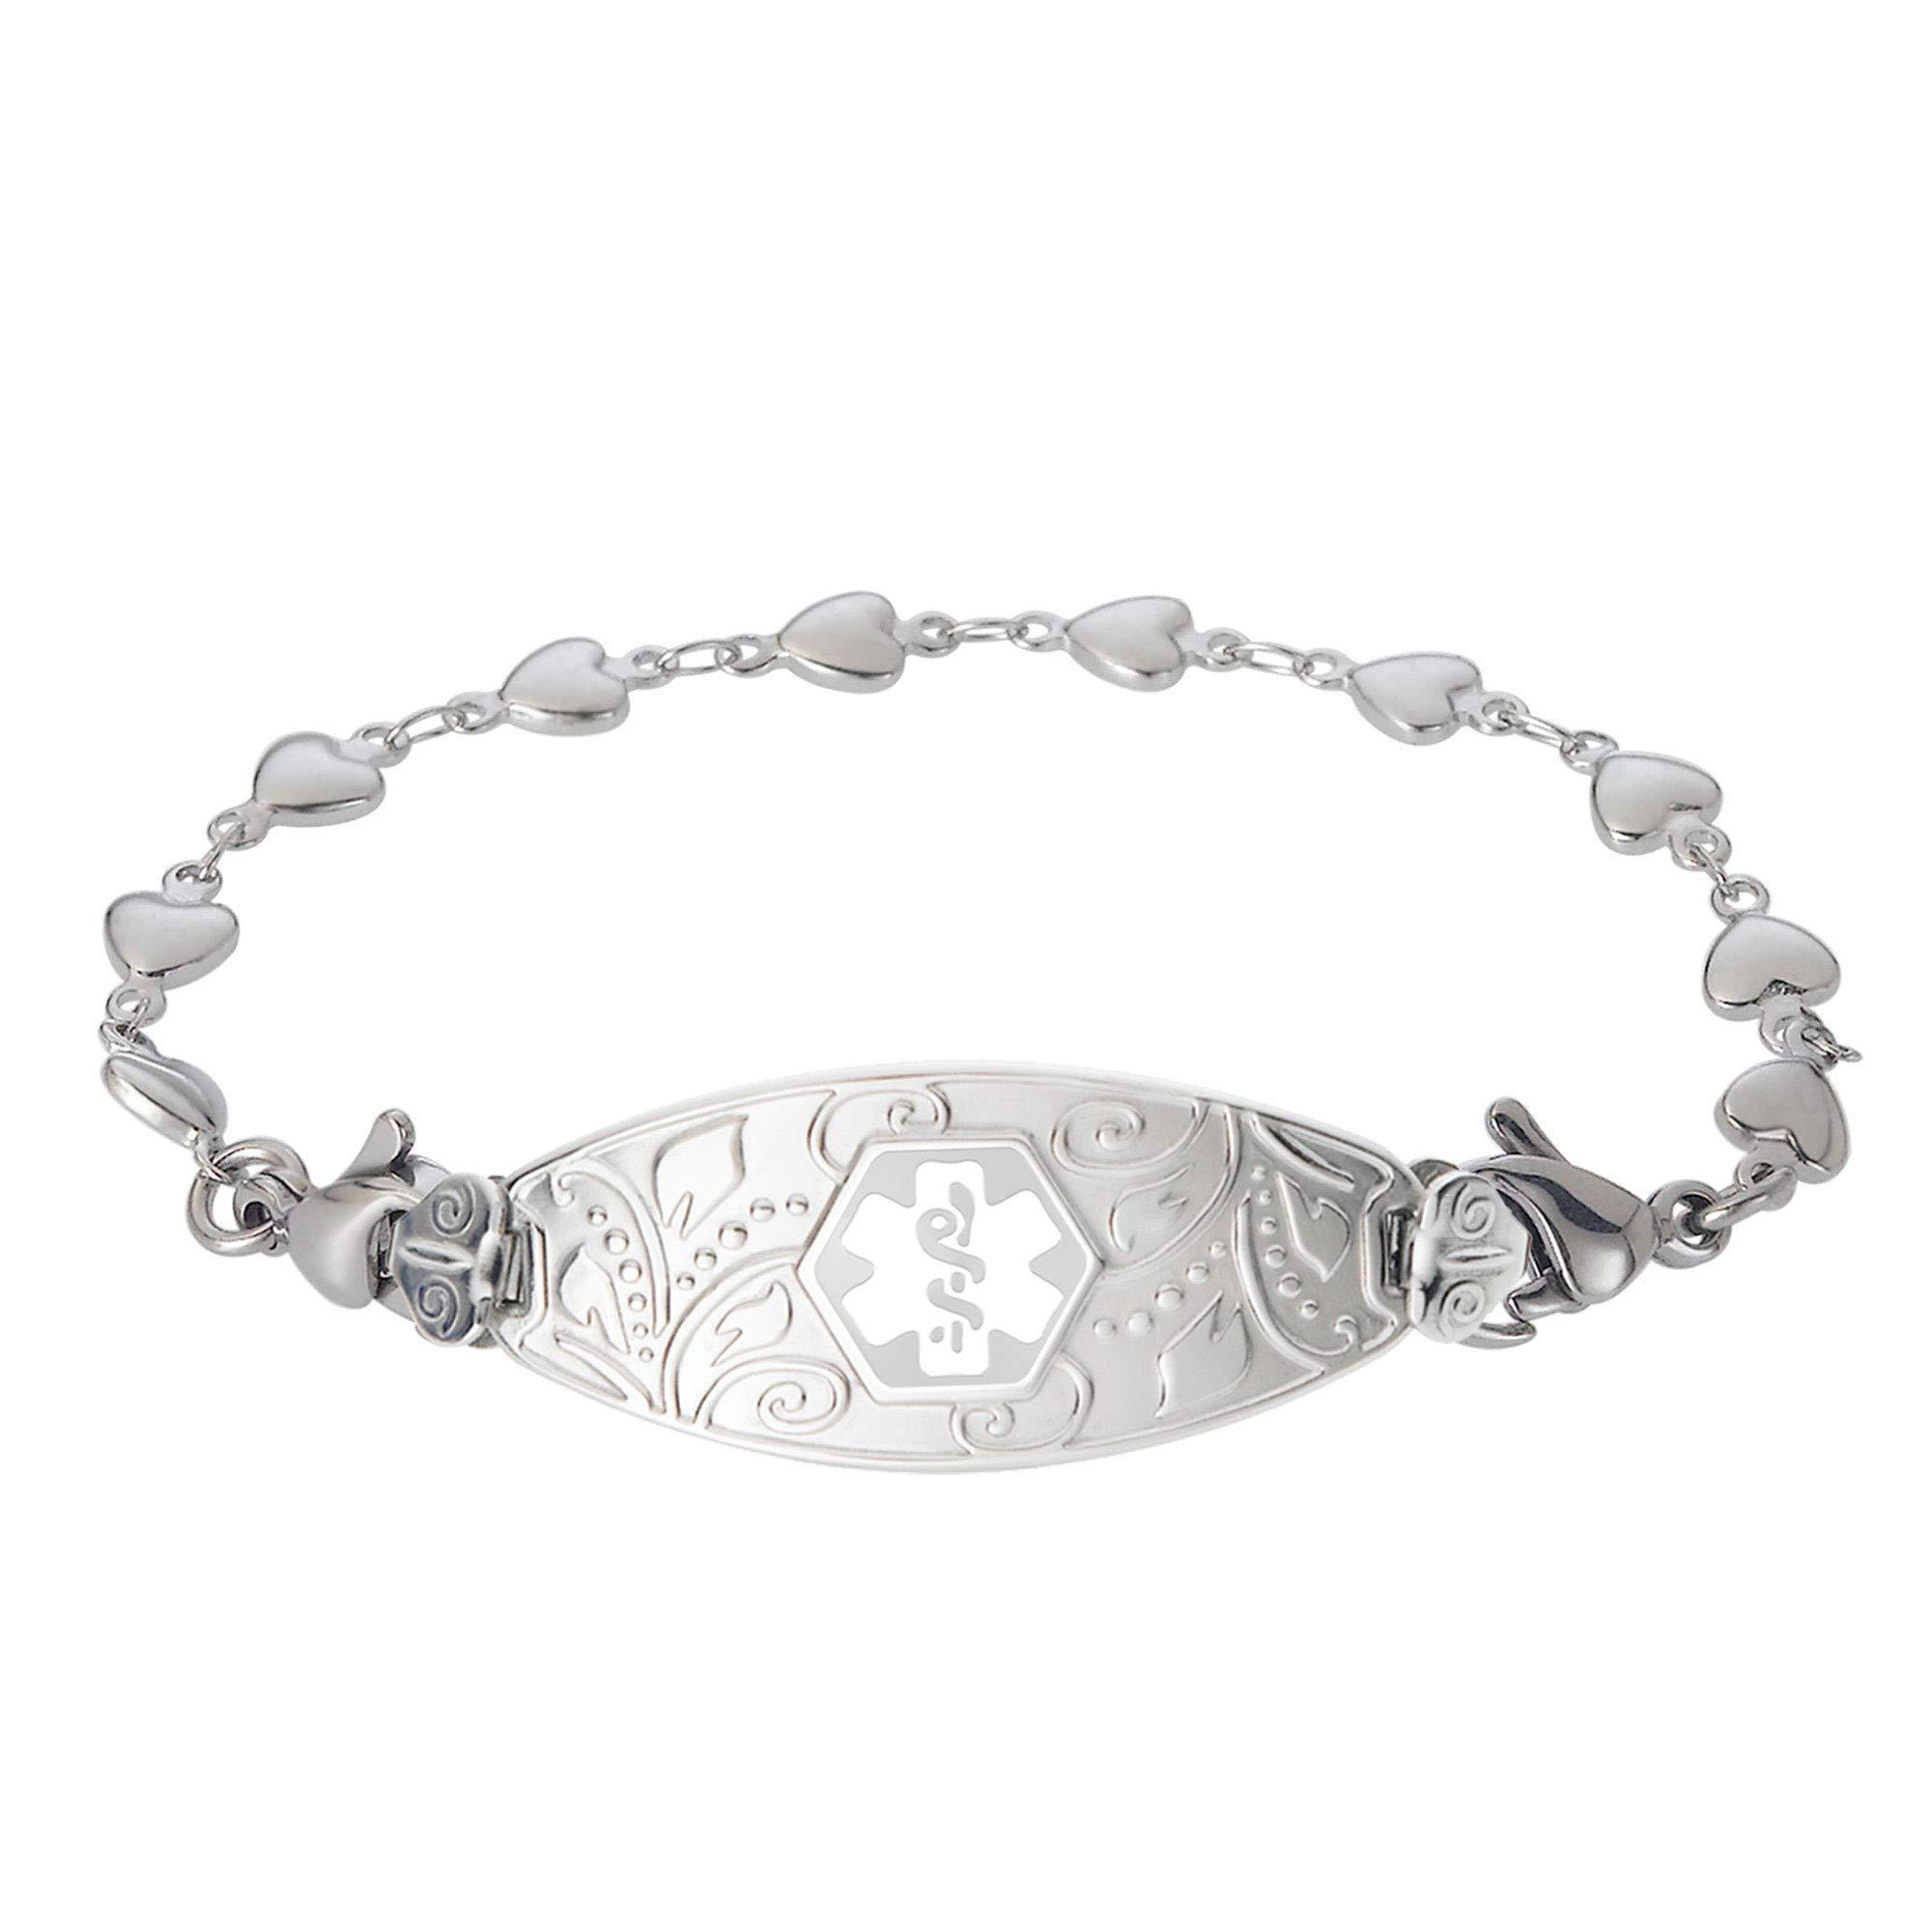 Divoti Custom Engraved Medical Alert Bracelets for Women, Stainless Steel Medical Bracelet, Medical ID Bracelet w/Free Engraving - Lovely Filigree Tag w/Heart Link -White-6.5'' by Divoti (Image #1)